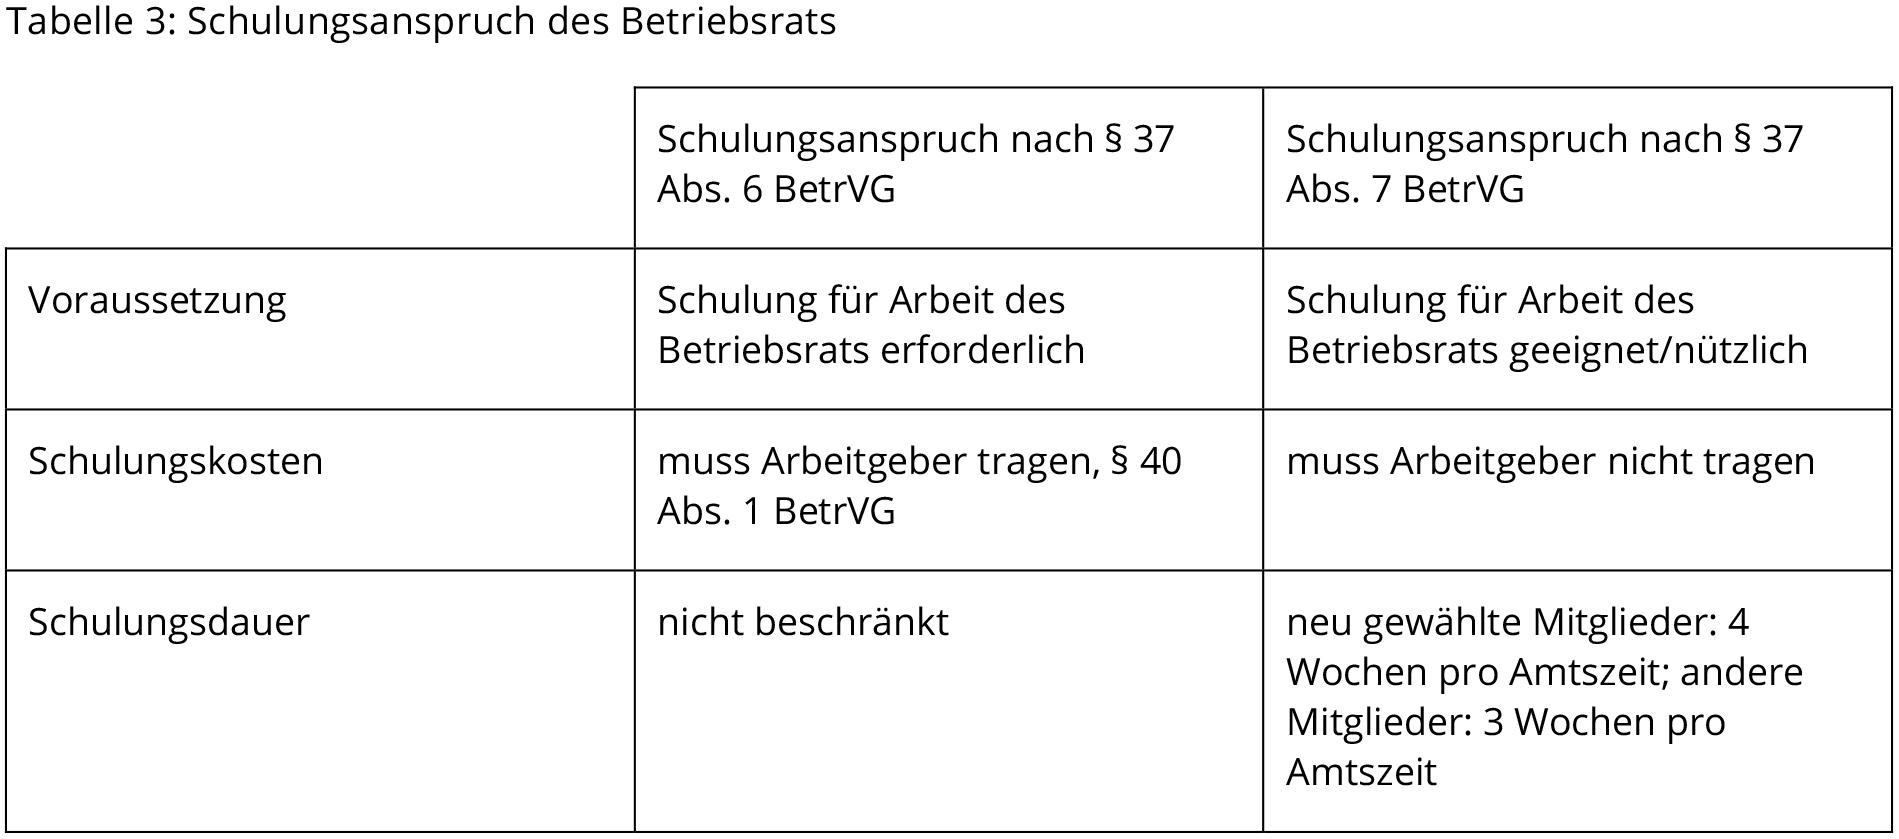 Tabelle mit Abstand zwischen Text und Rahmen